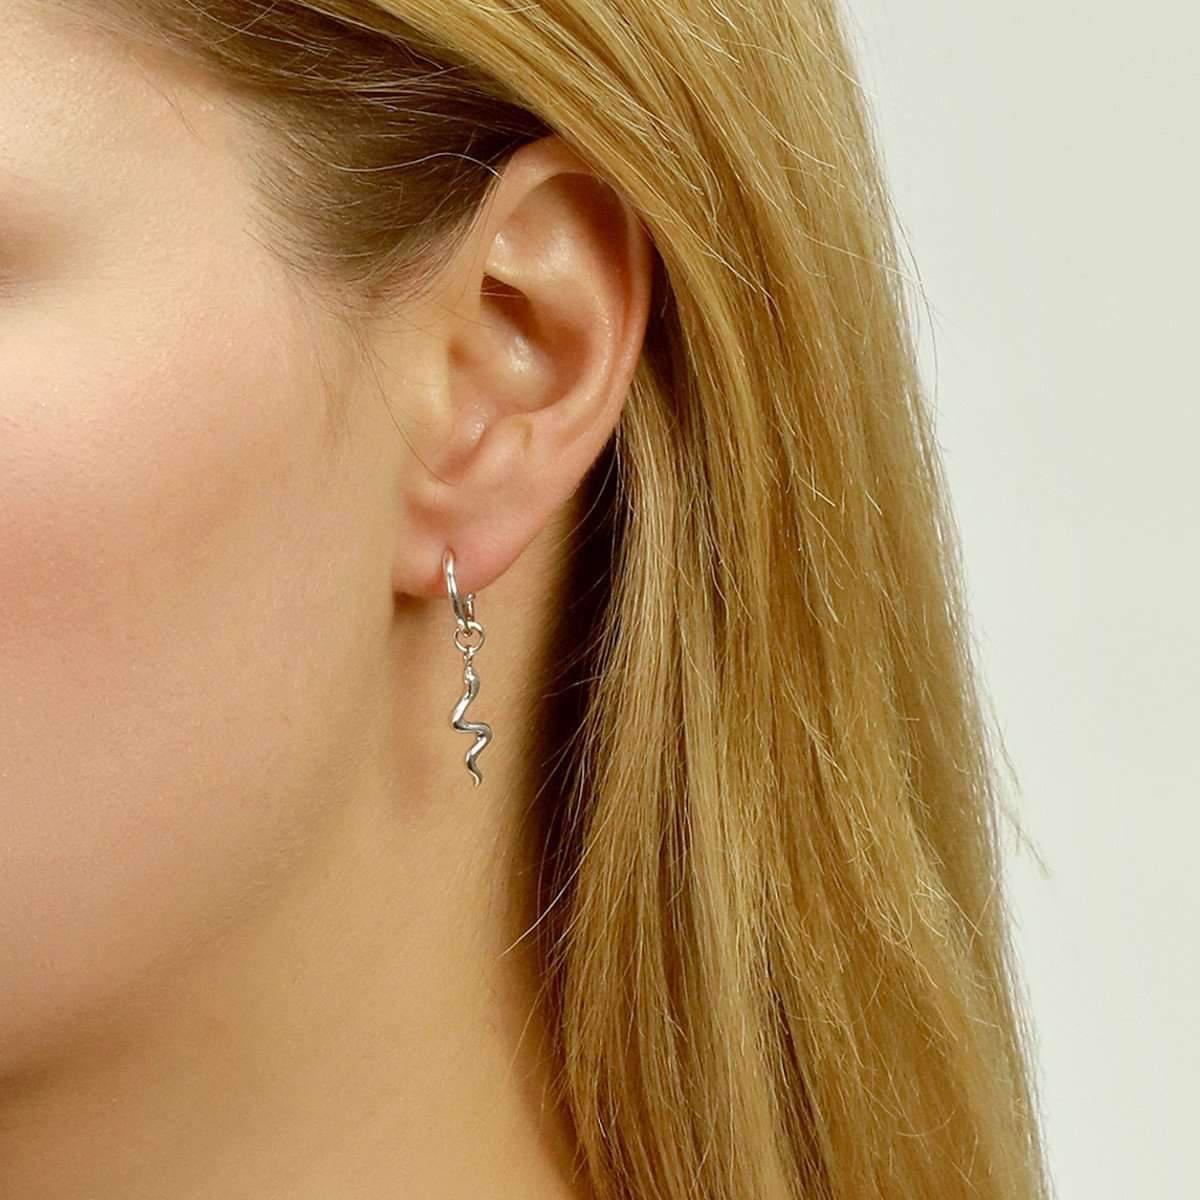 Jana Reinhardt Gold Plated Silver Snake Creole Ear Studs b4GnSg6T